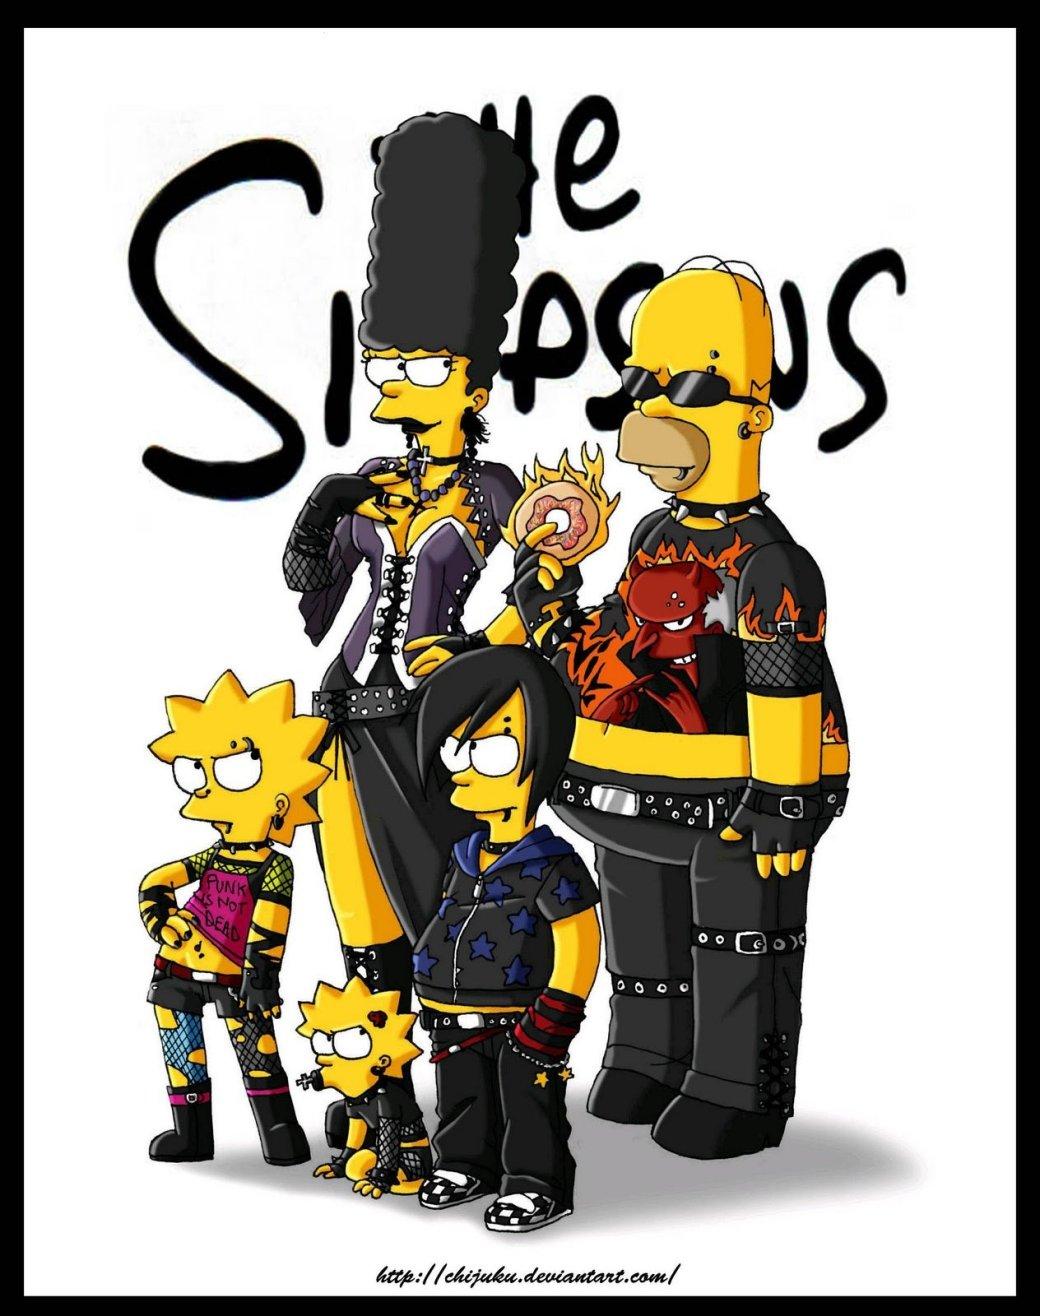 C днем рождения, Симпсоны | Канобу - Изображение 6